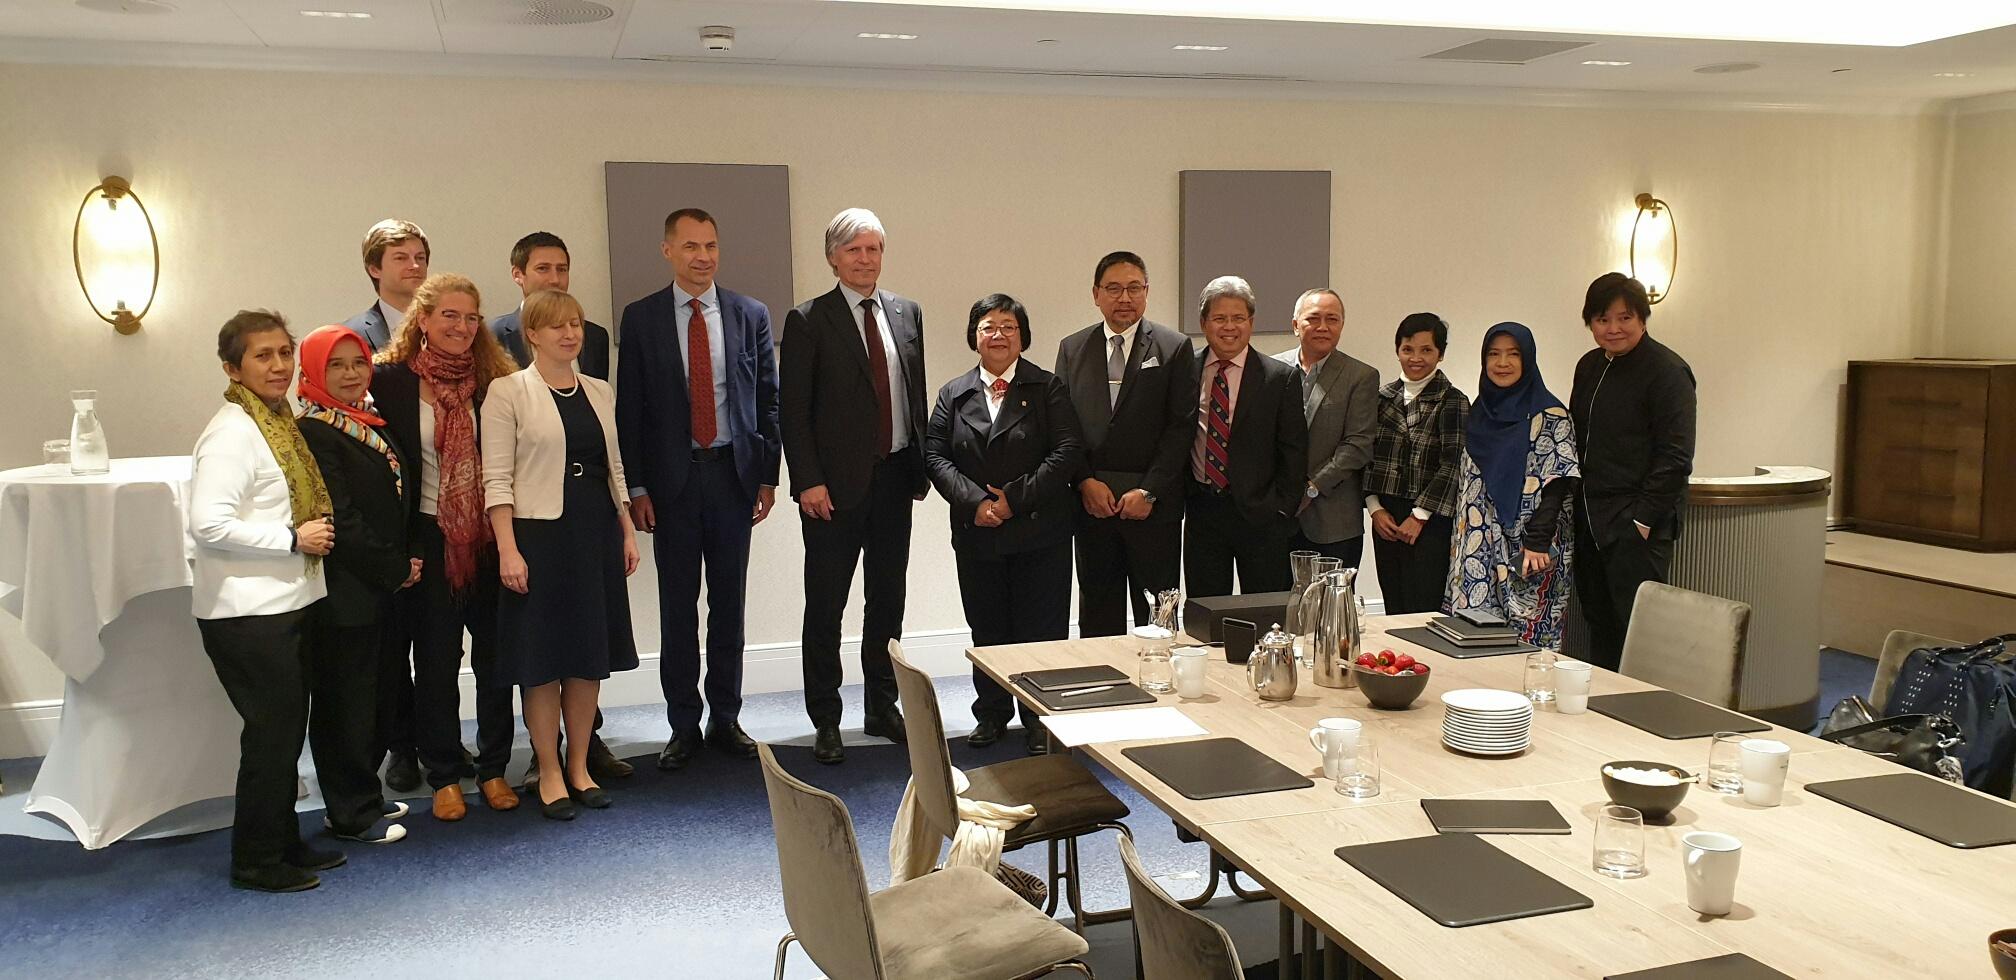 Pembahasan program REDD+ yang berlangsung pada tahun 2019 antara Indonesia dan Norwegia